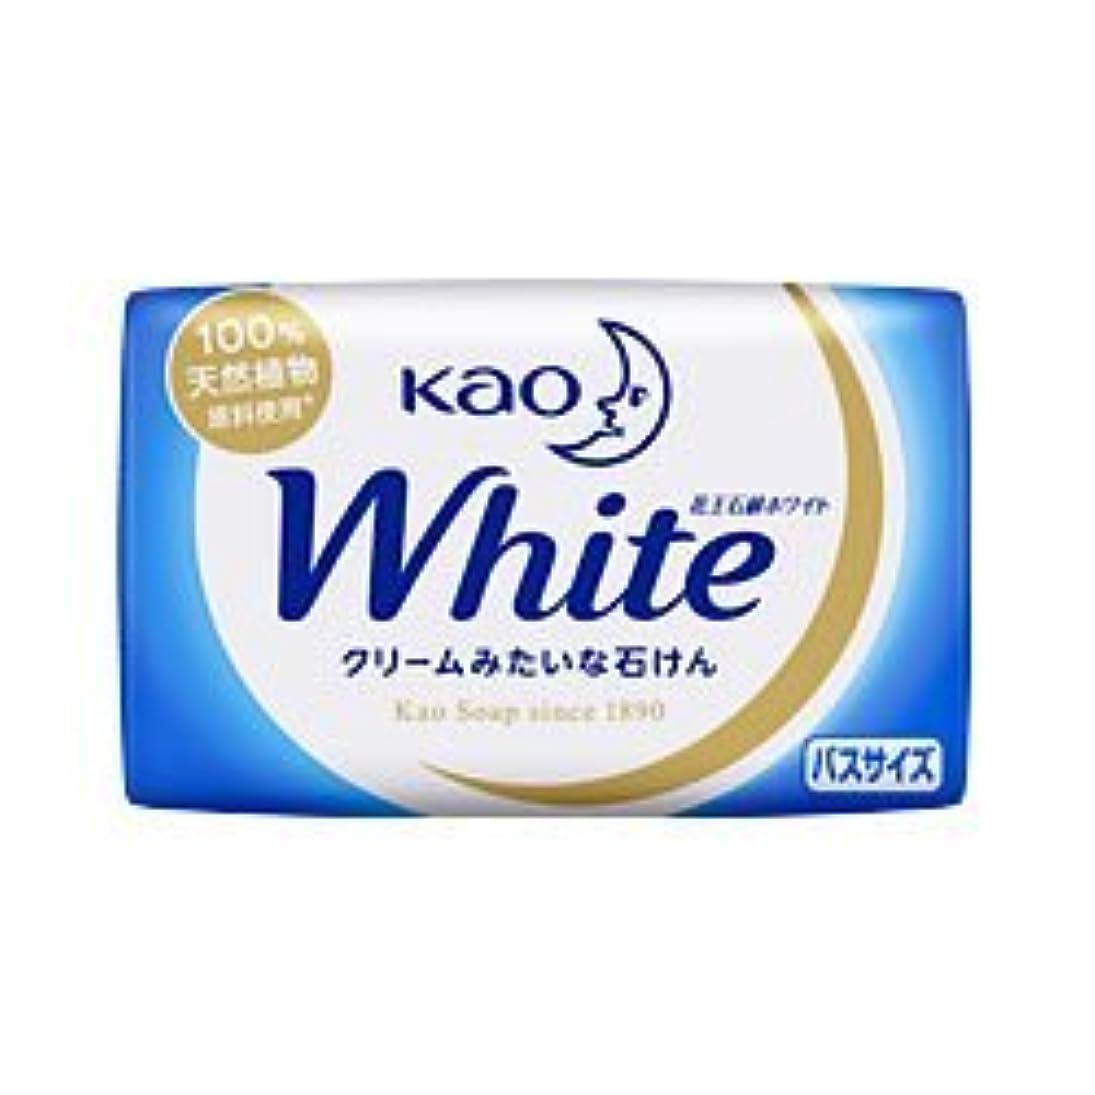 無効忘れられない幽霊【花王】花王ホワイト バスサイズ 1個 130g ×10個セット